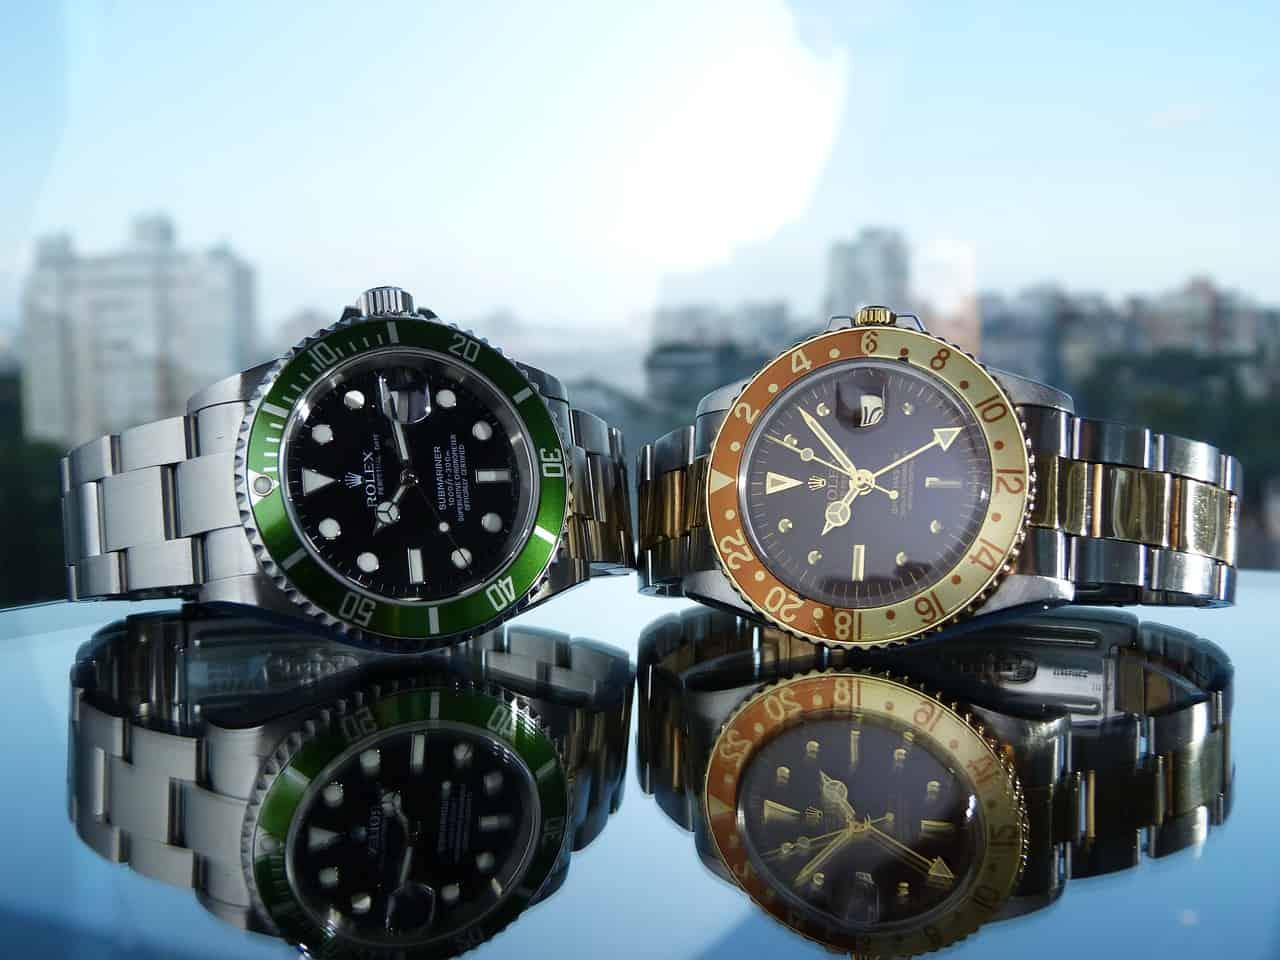 שני סוגים של שעונים